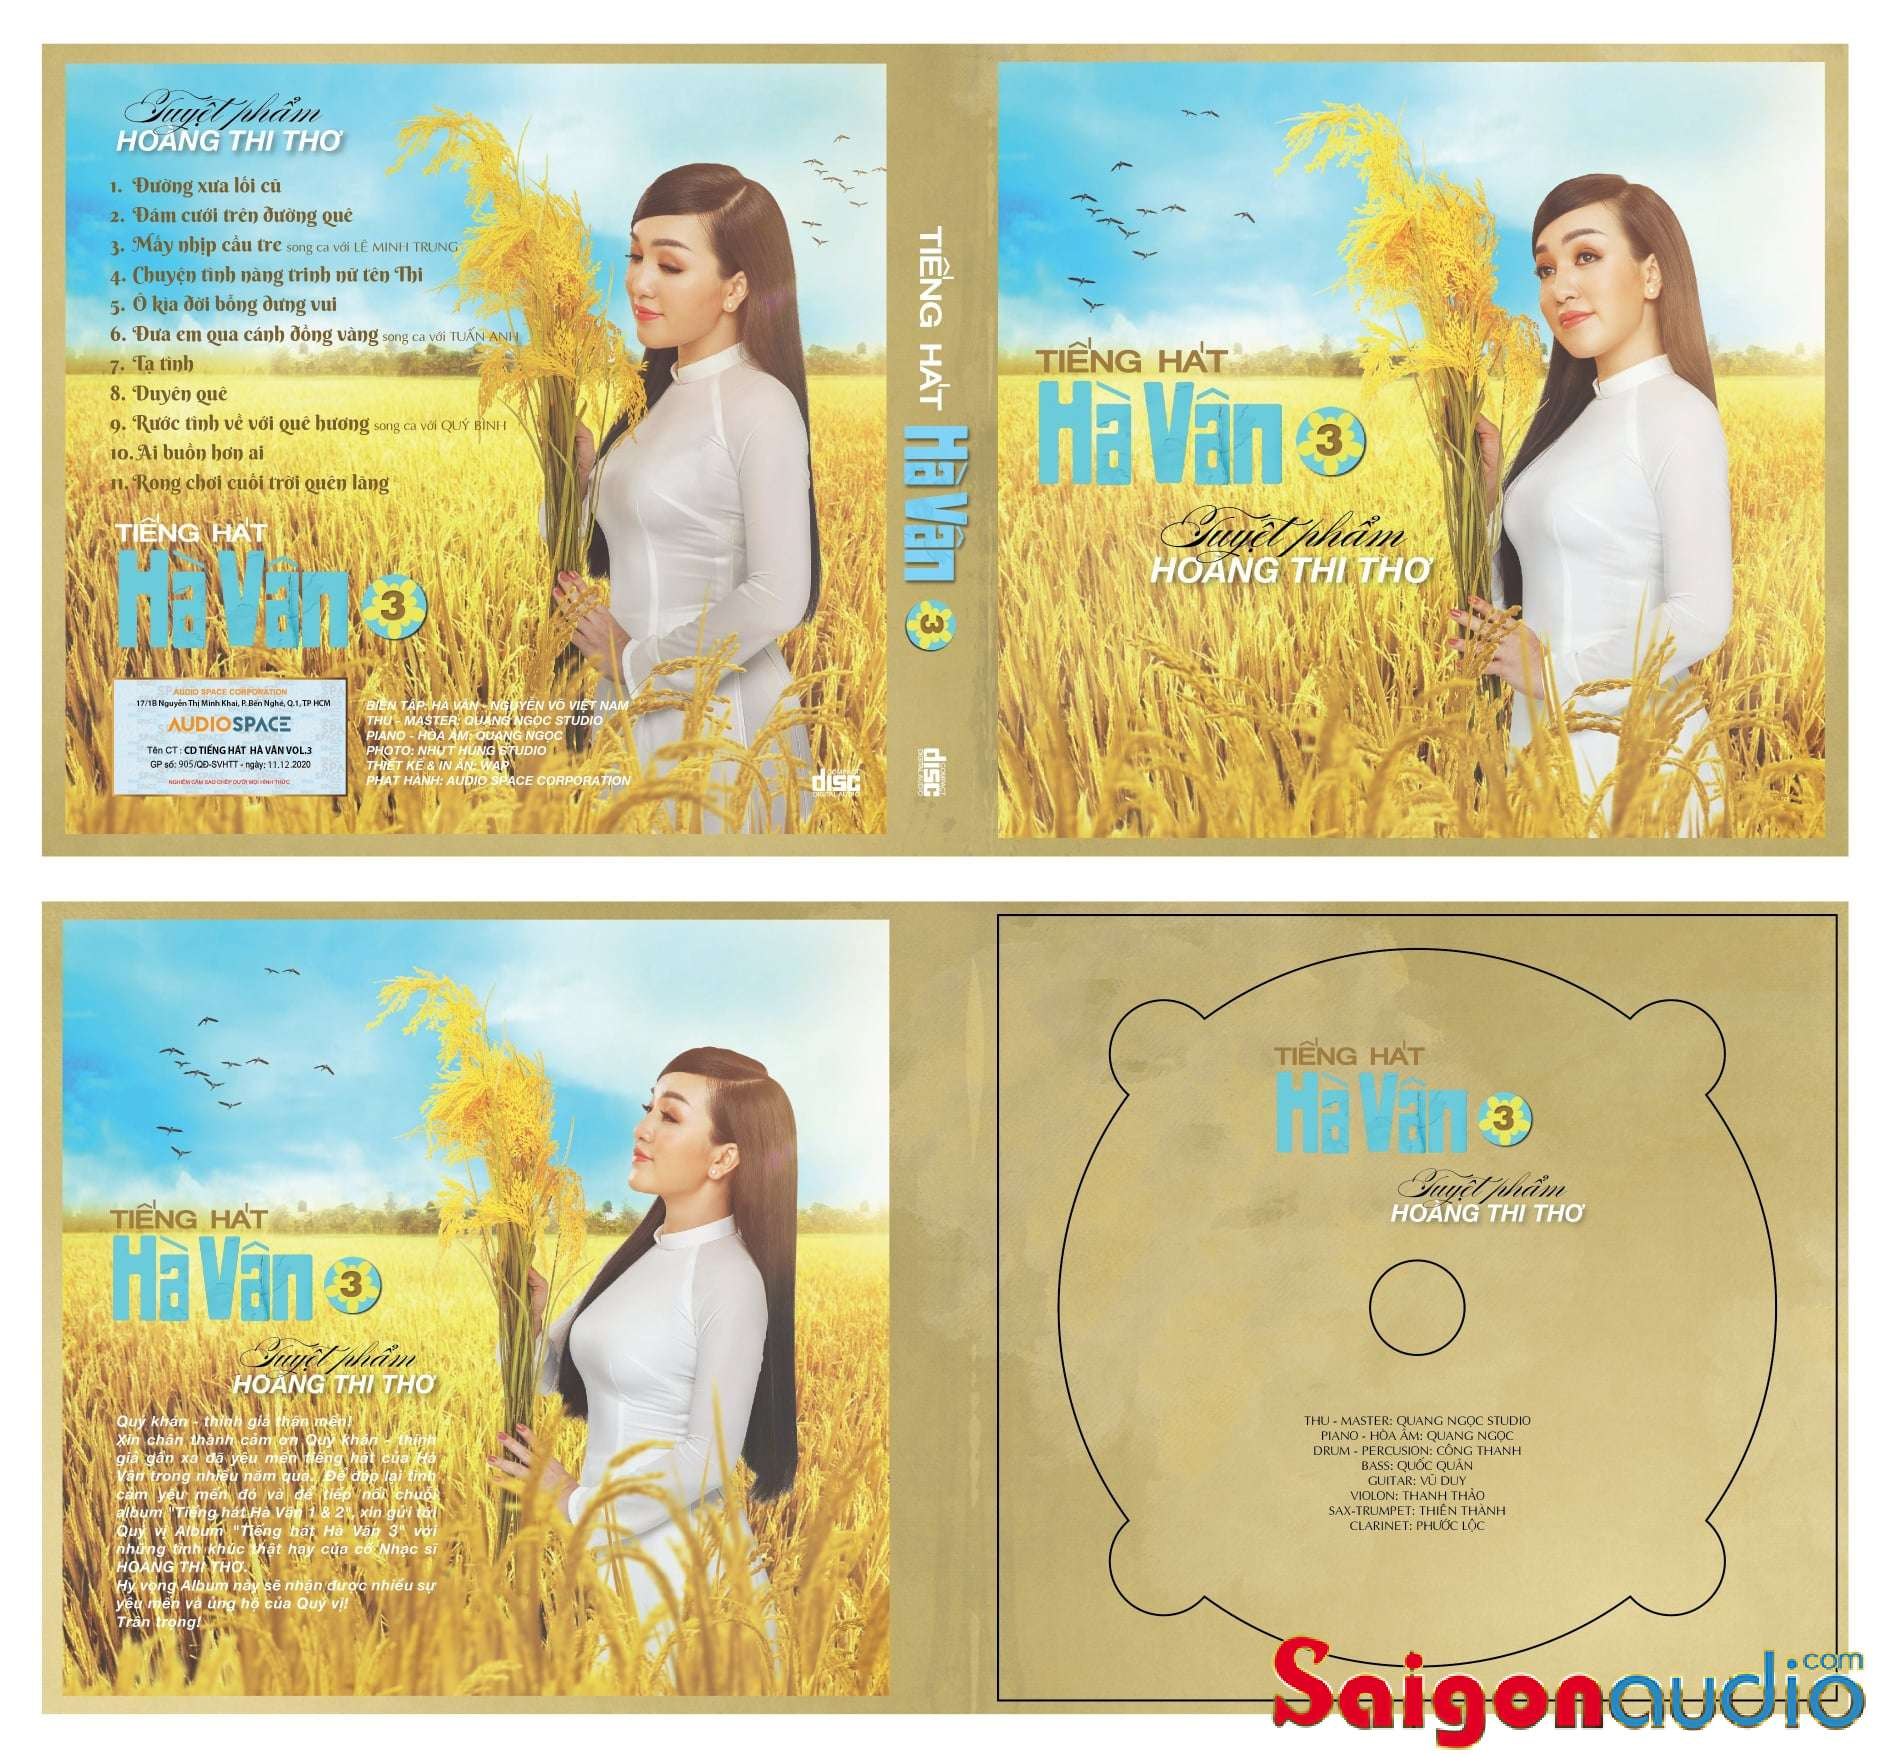 Đĩa CD nhạc gốc Album tiếng hát Hà Vân 3 - Tuyệt phẩm Hoàng Thi Thơ (Free ship khi mua 2 đĩa CD cùng hoặc khác loại)